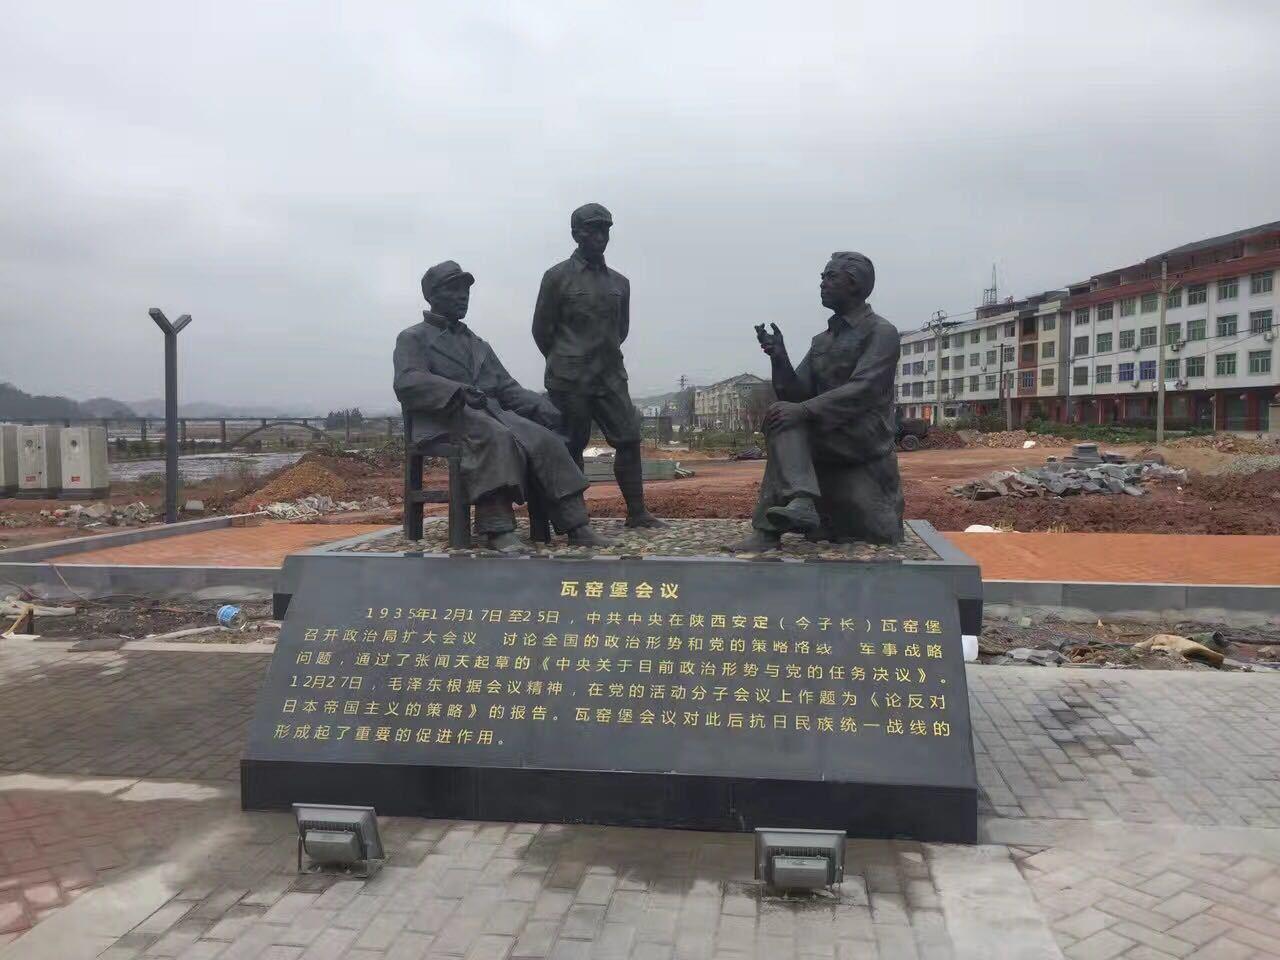 紅軍雕塑玻璃鋼戰爭雕塑8